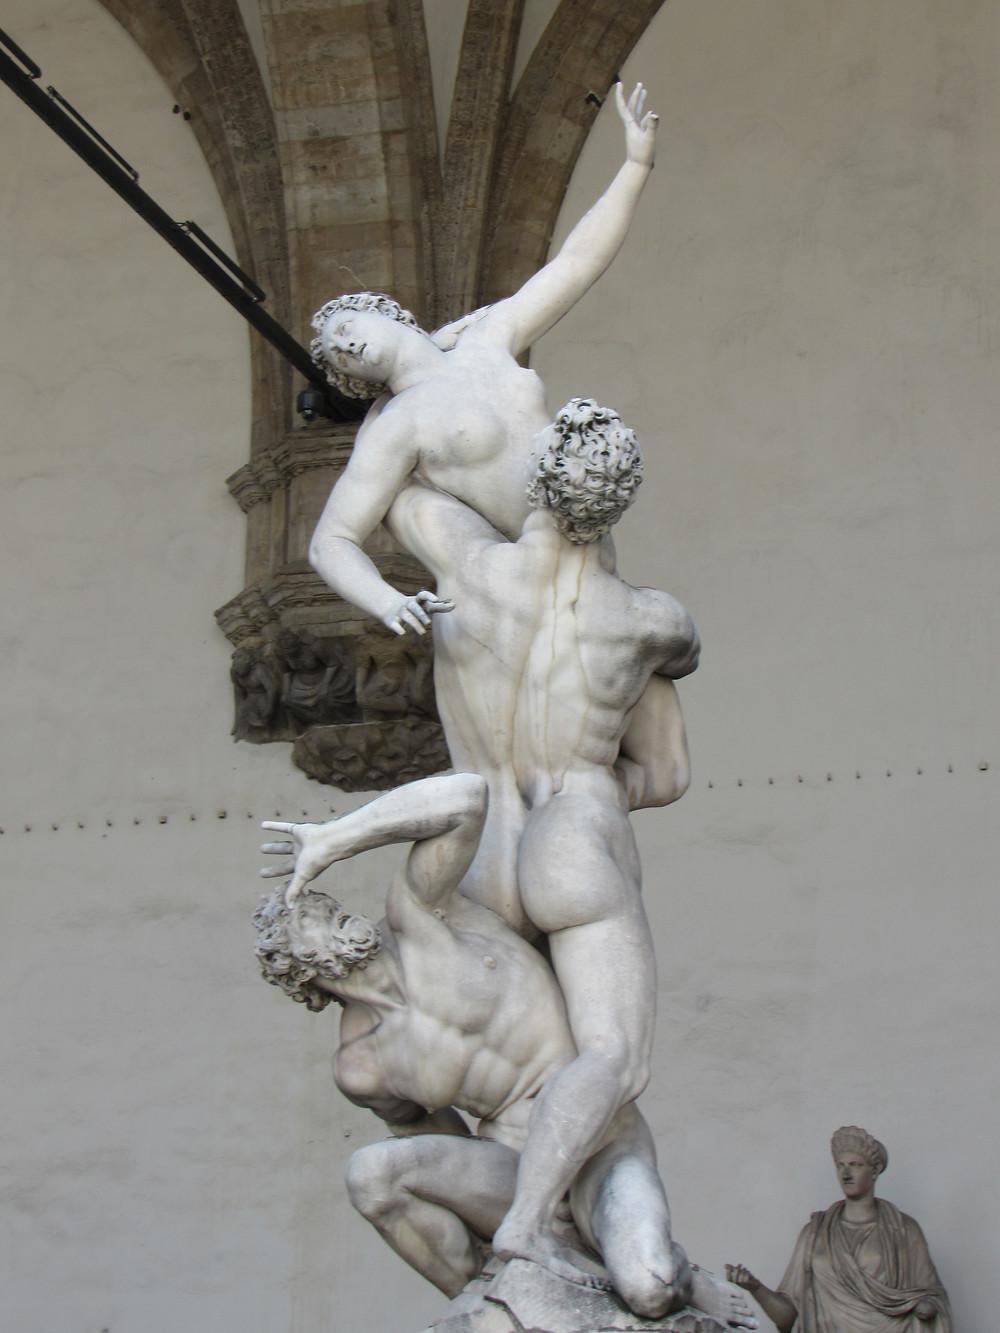 Skulptur in der Loggia dei Lanzi